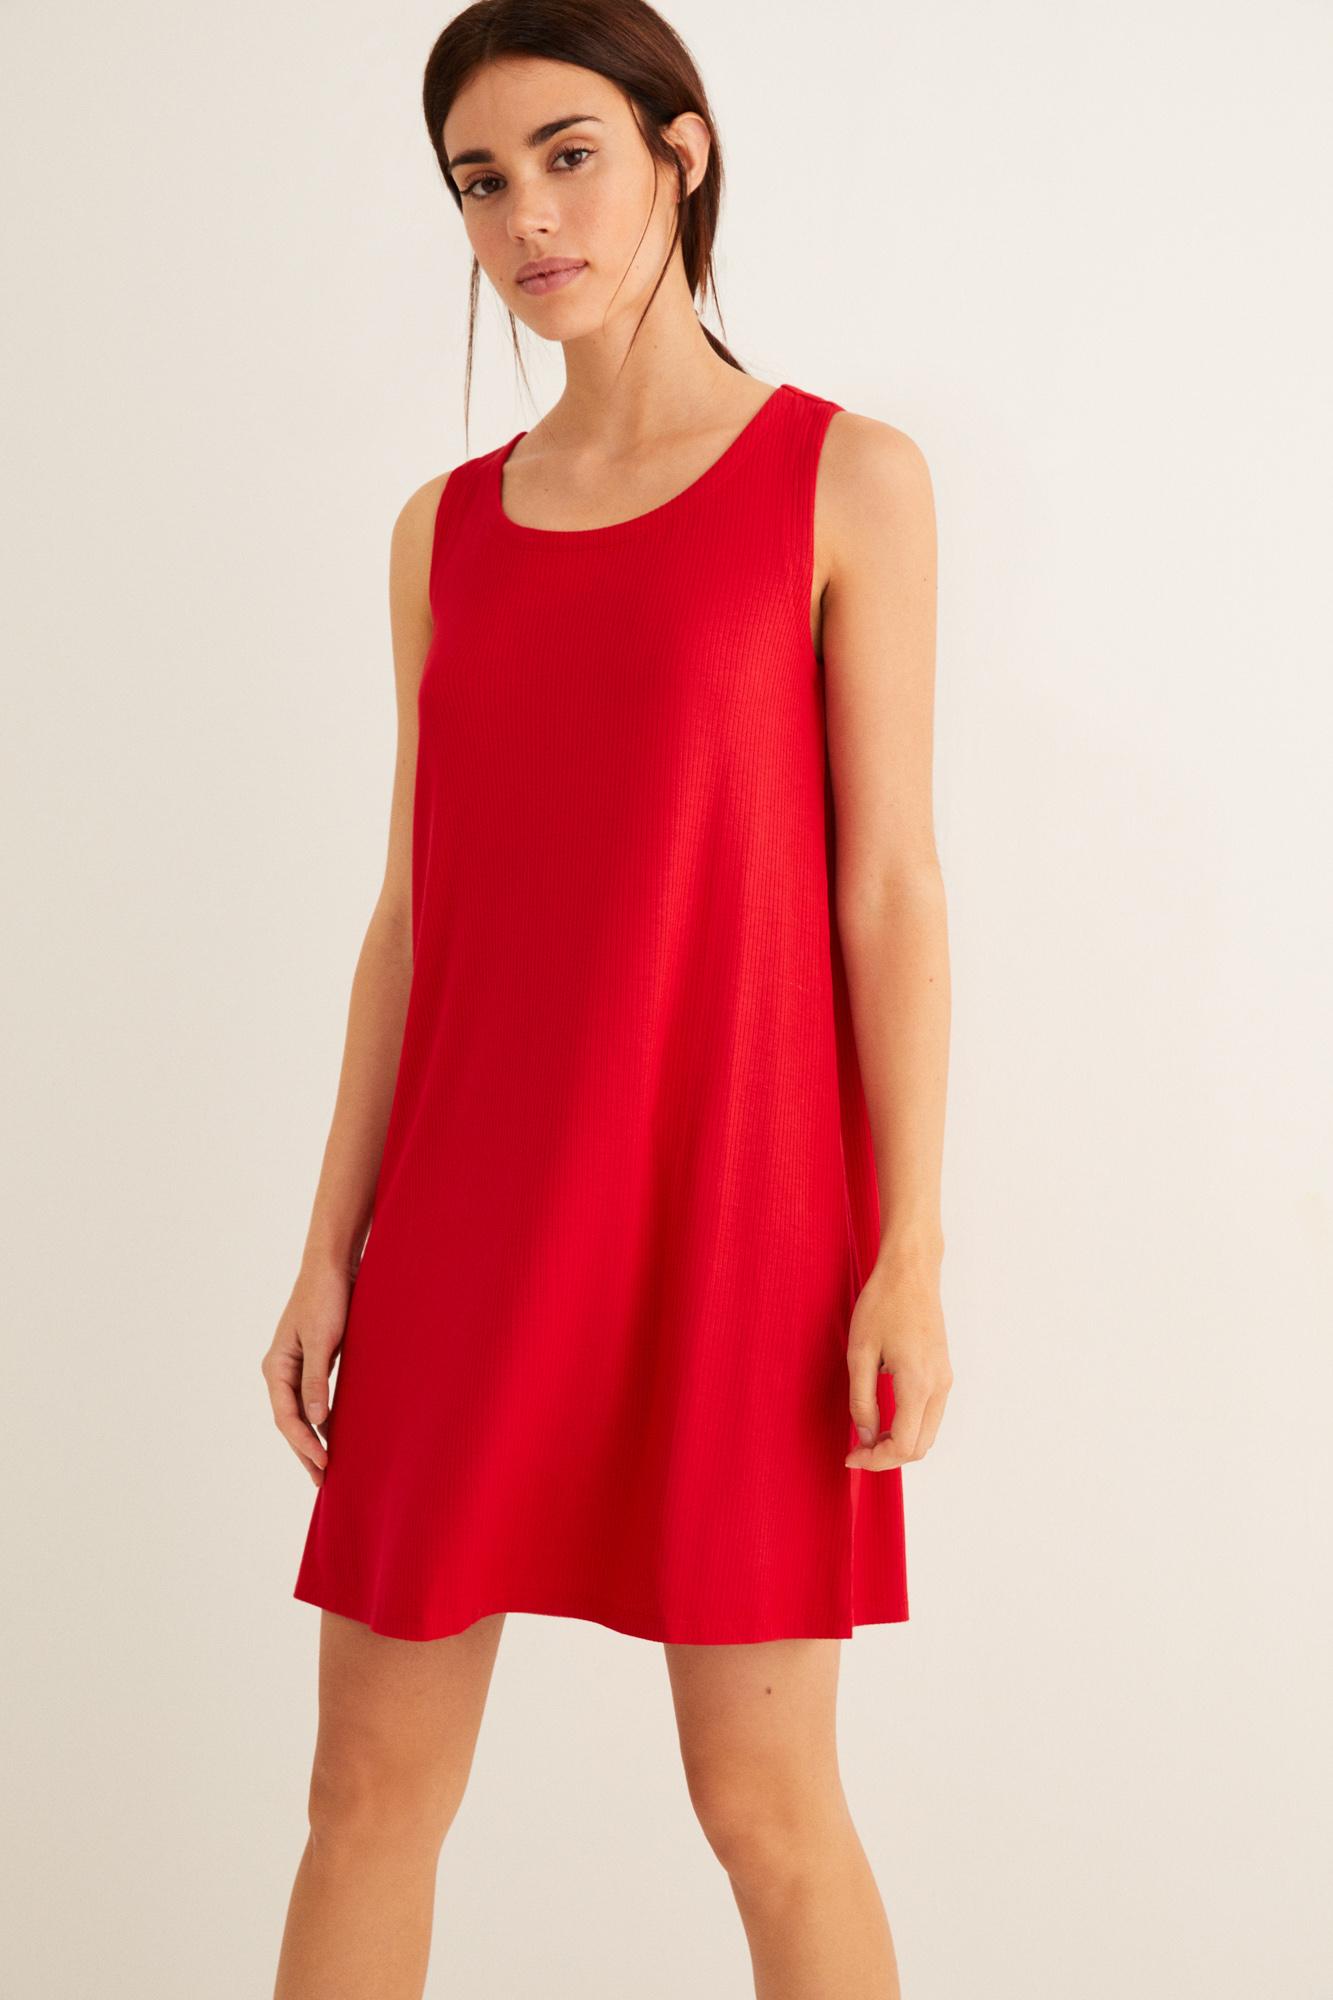 Платье с завязкой на шнурок на спине | Купальники | Women